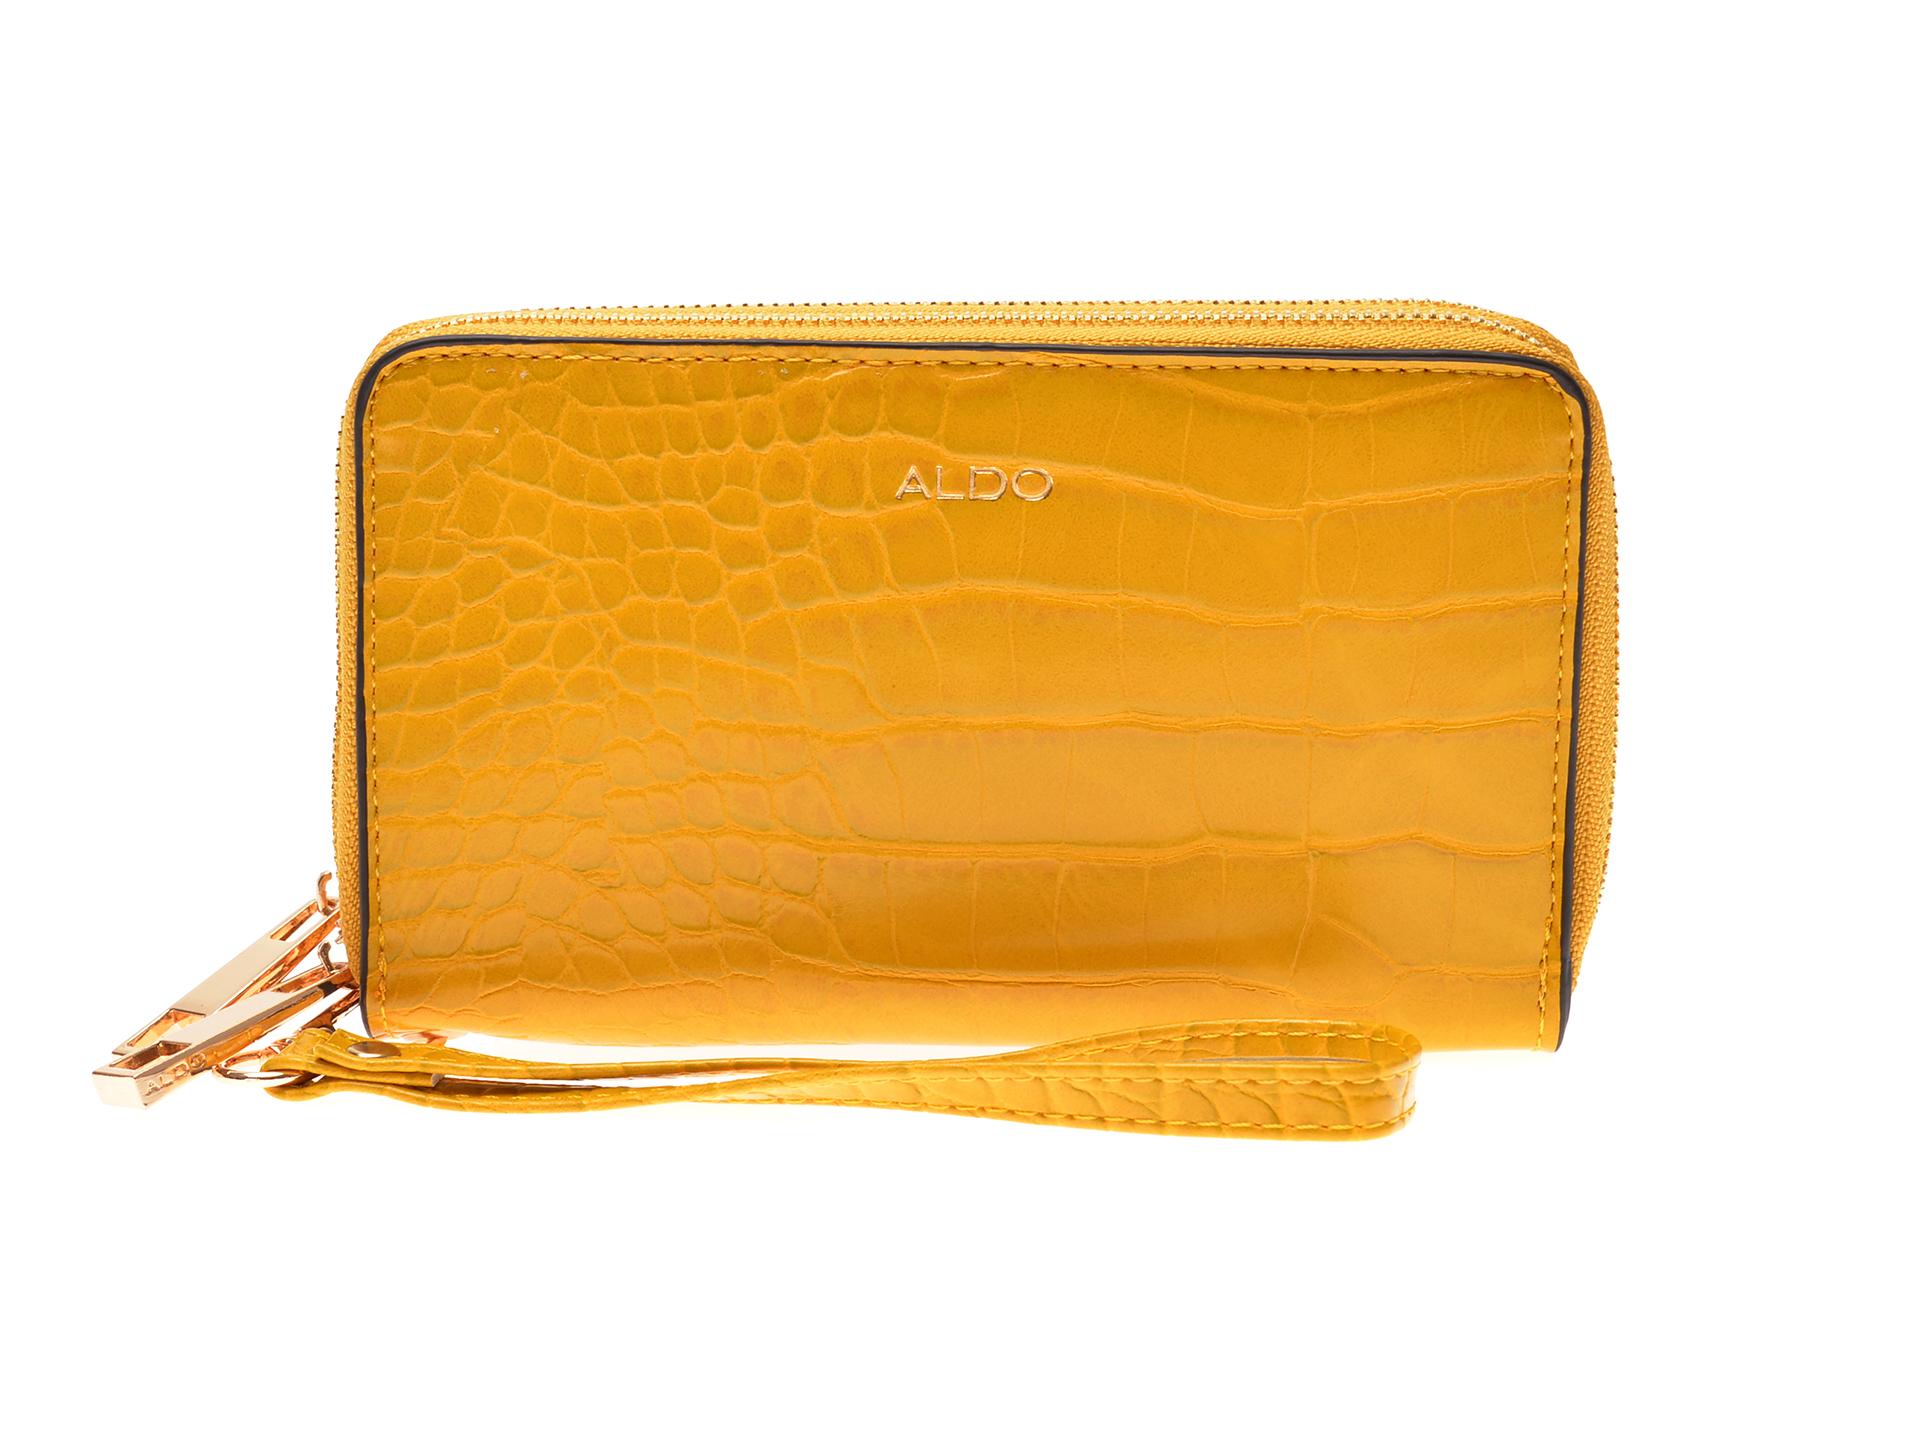 Portofel ALDO galben, 12905392, din piele ecologica imagine